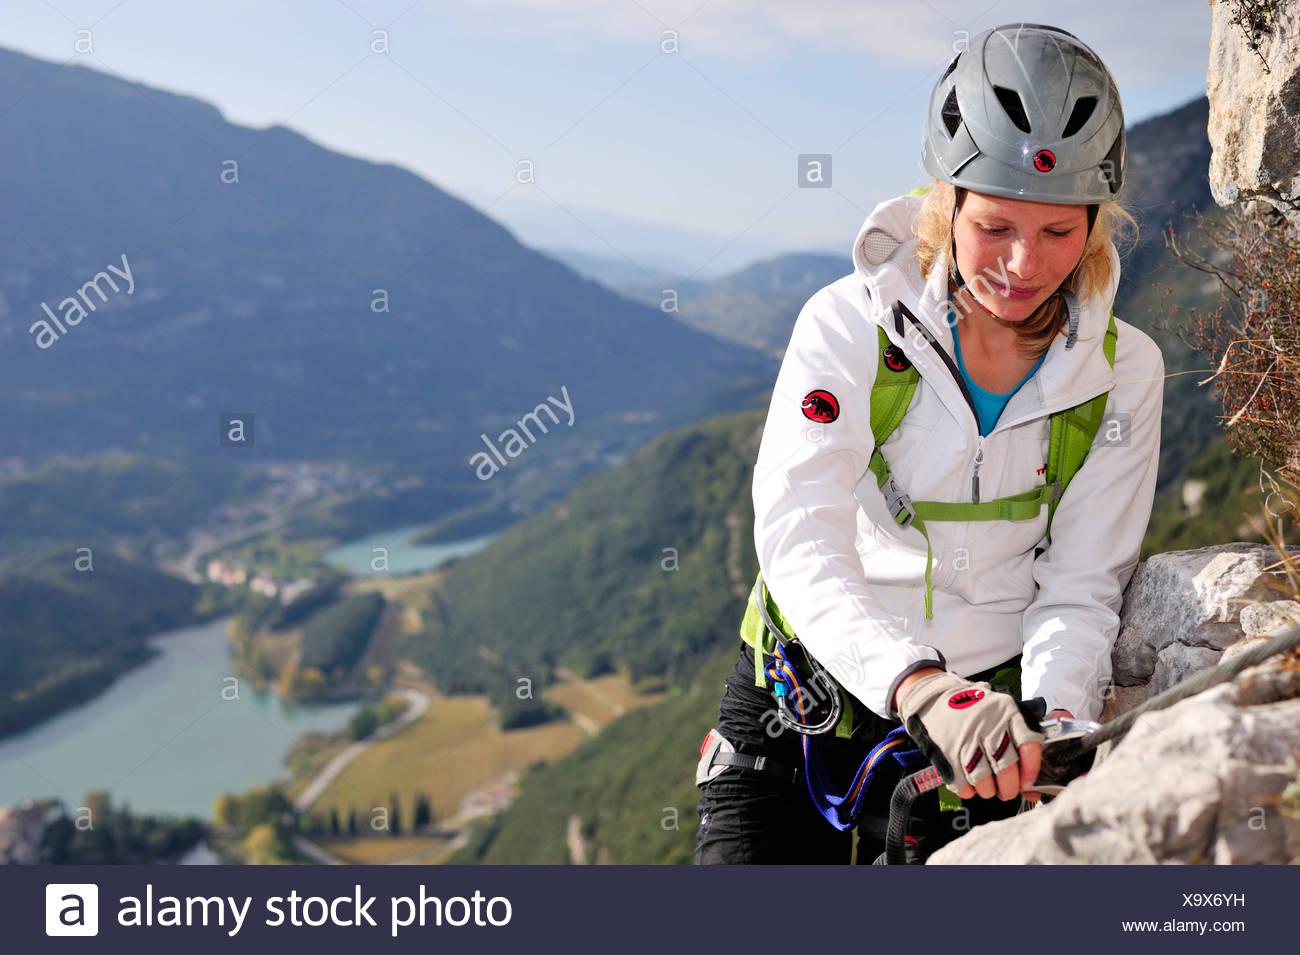 Kletterausrüstung Klettersteig : Junge frau klettern klettersteig rino pisetta lago toblino sarche